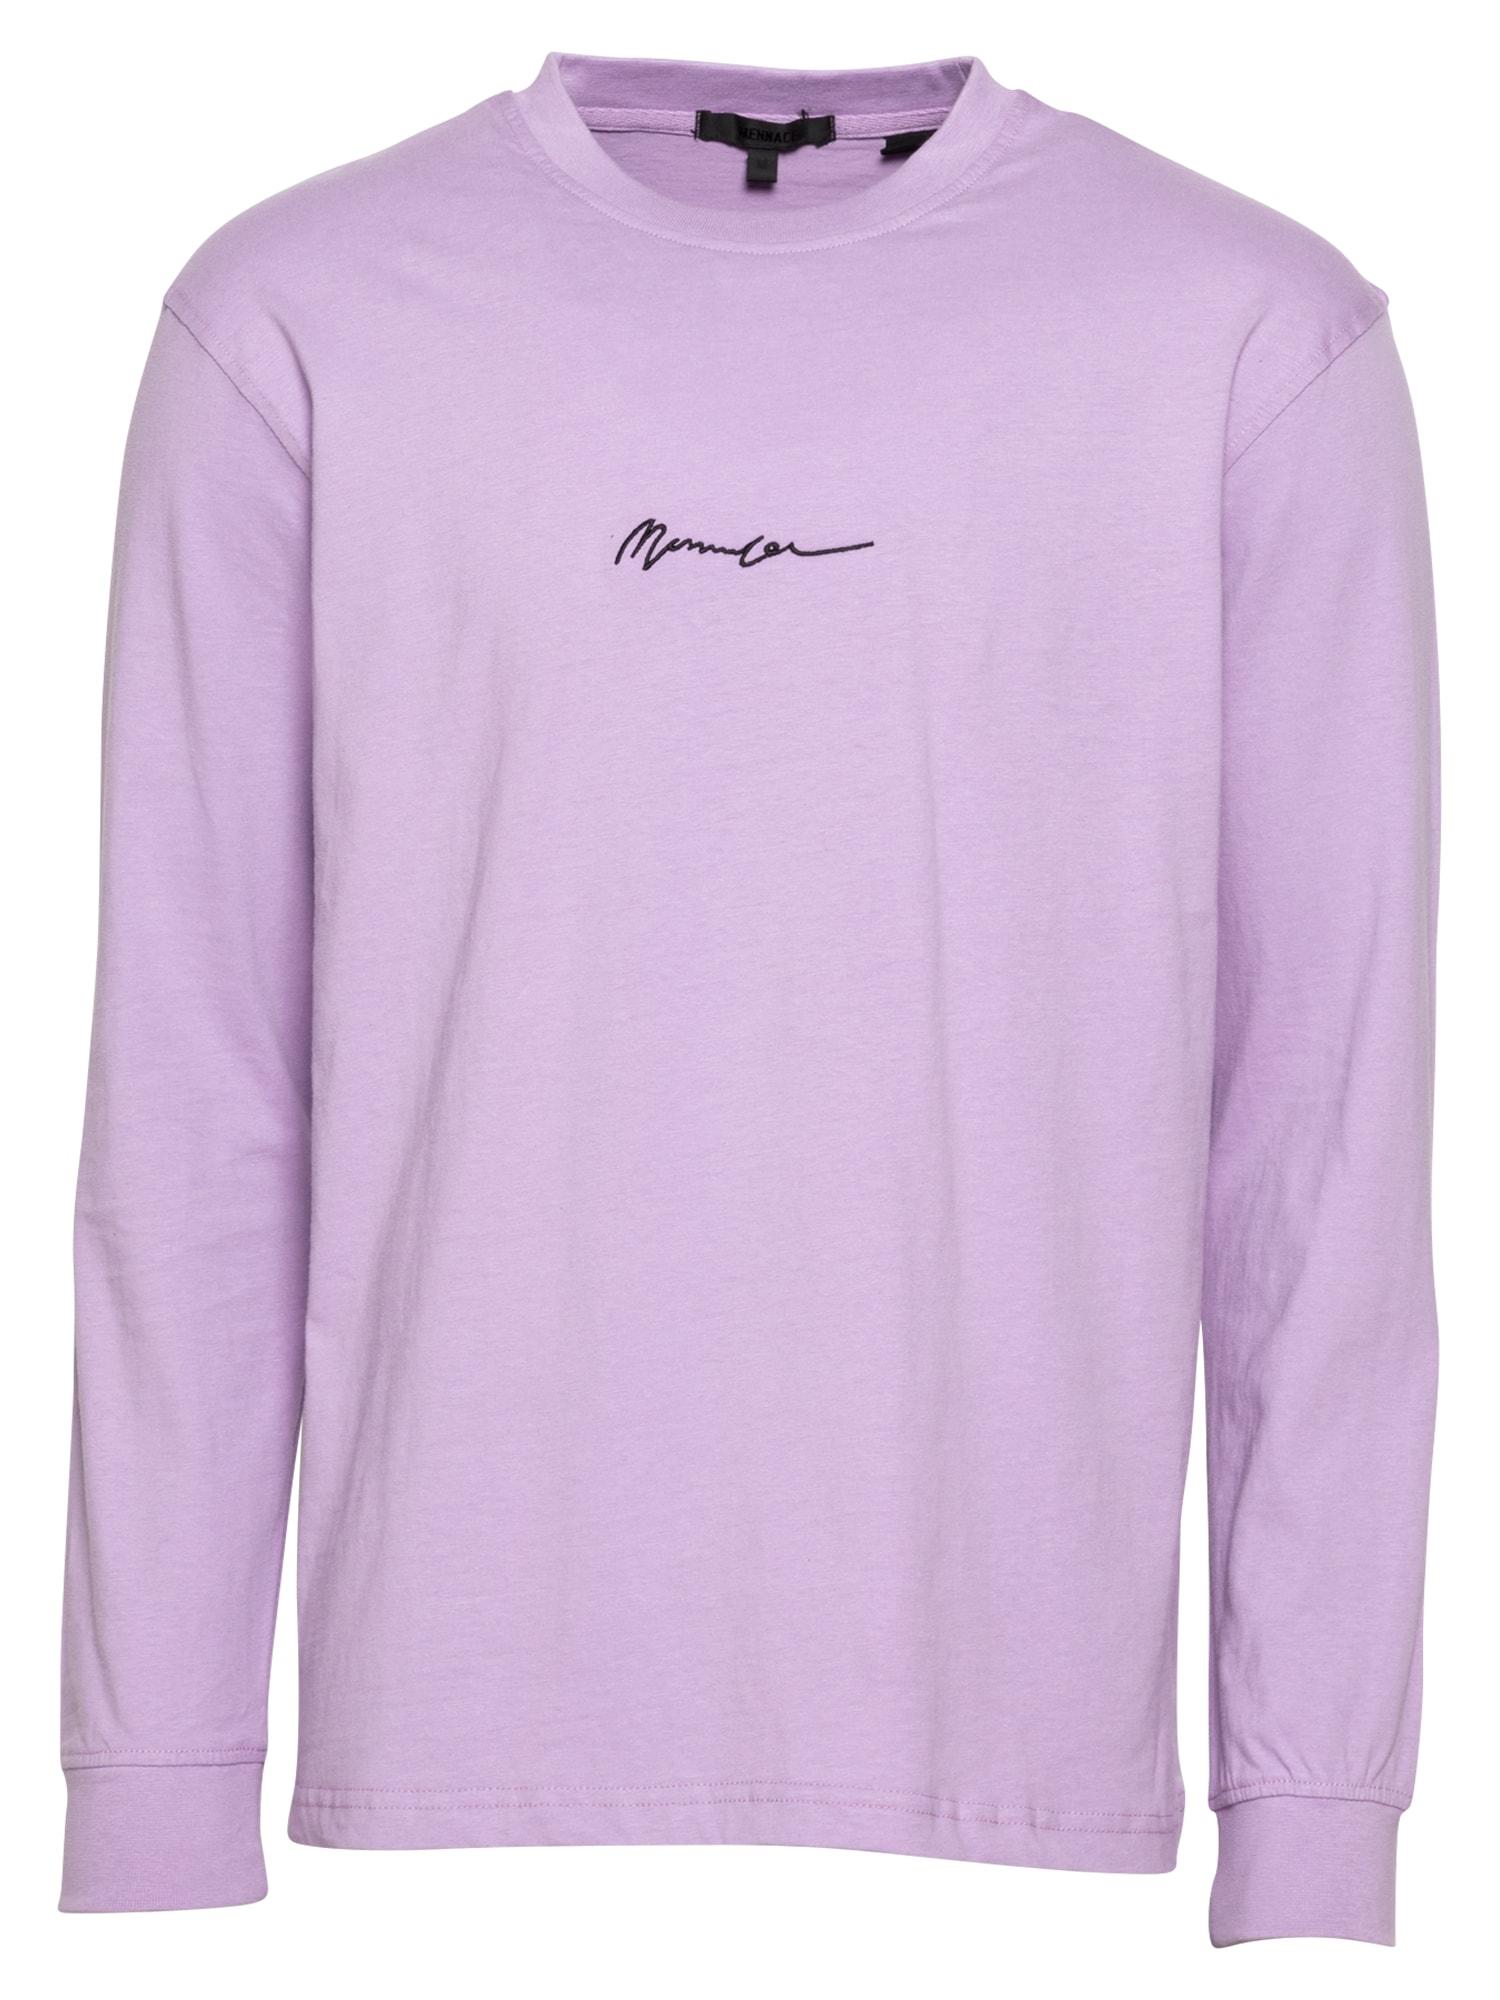 Mennace Marškinėliai rausvai violetinė spalva / juoda